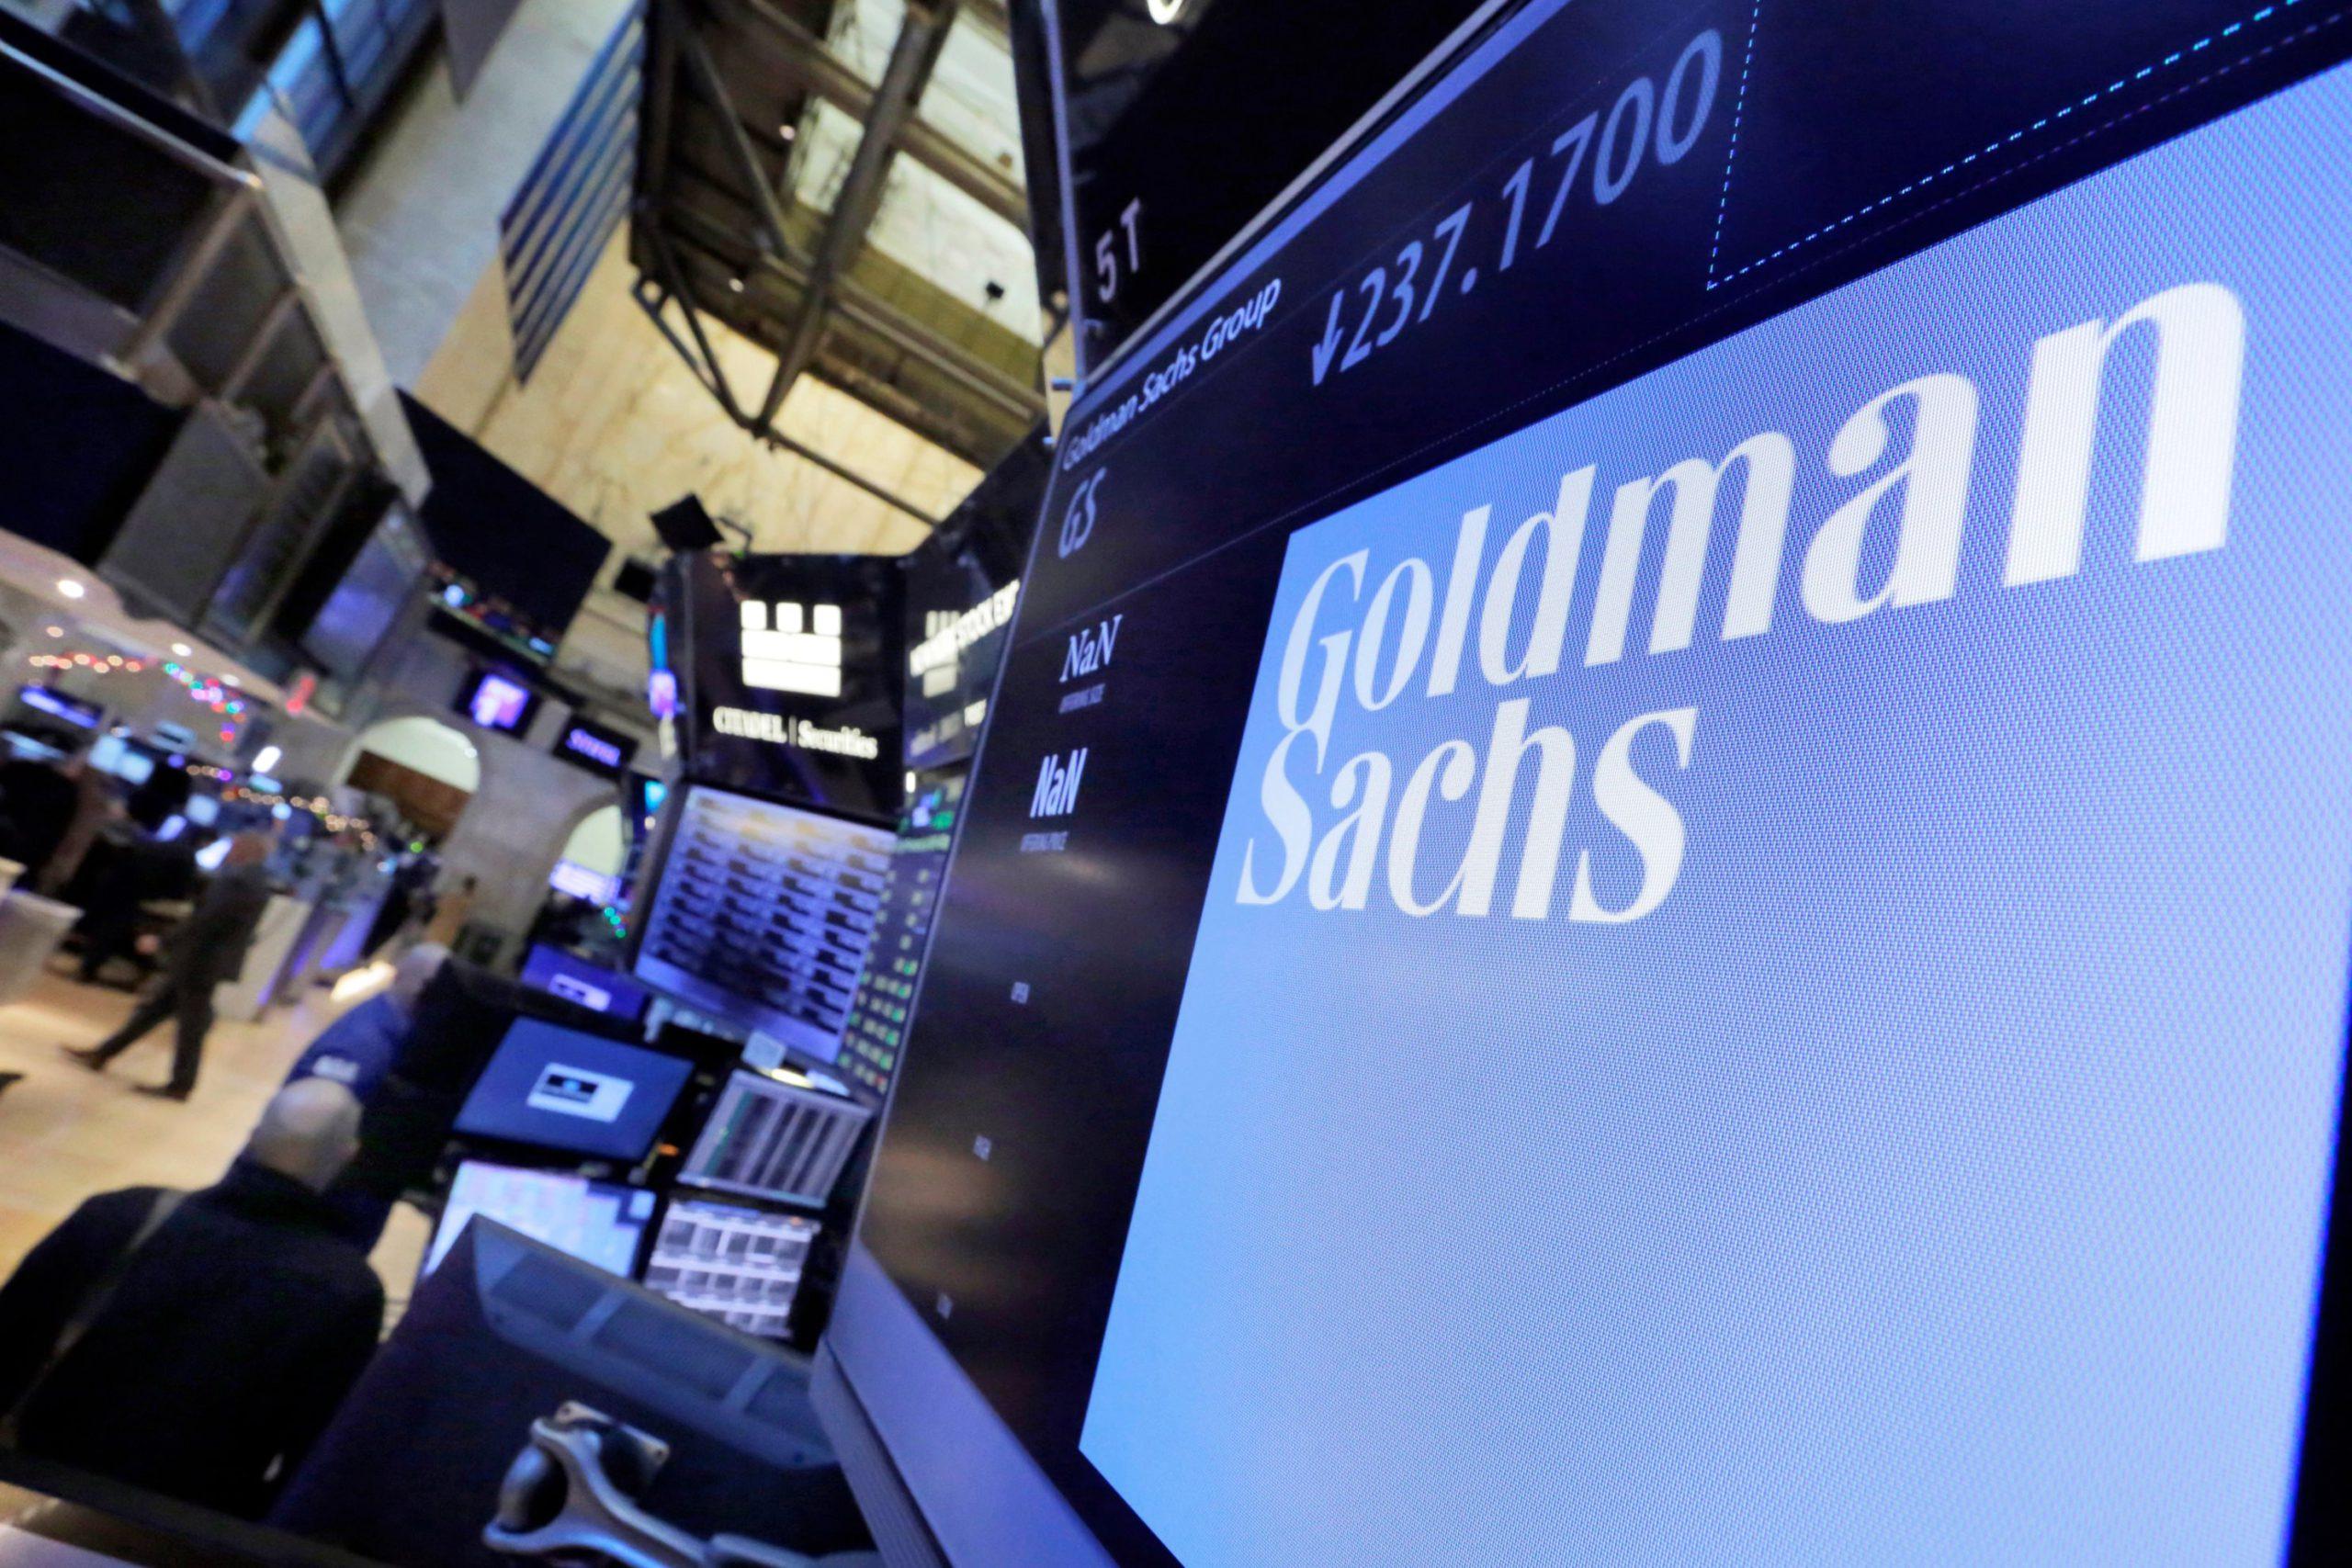 L'enseigne de la banque d'affaires Goldman Sachs est affichée sur l'écran d'un ordinateur